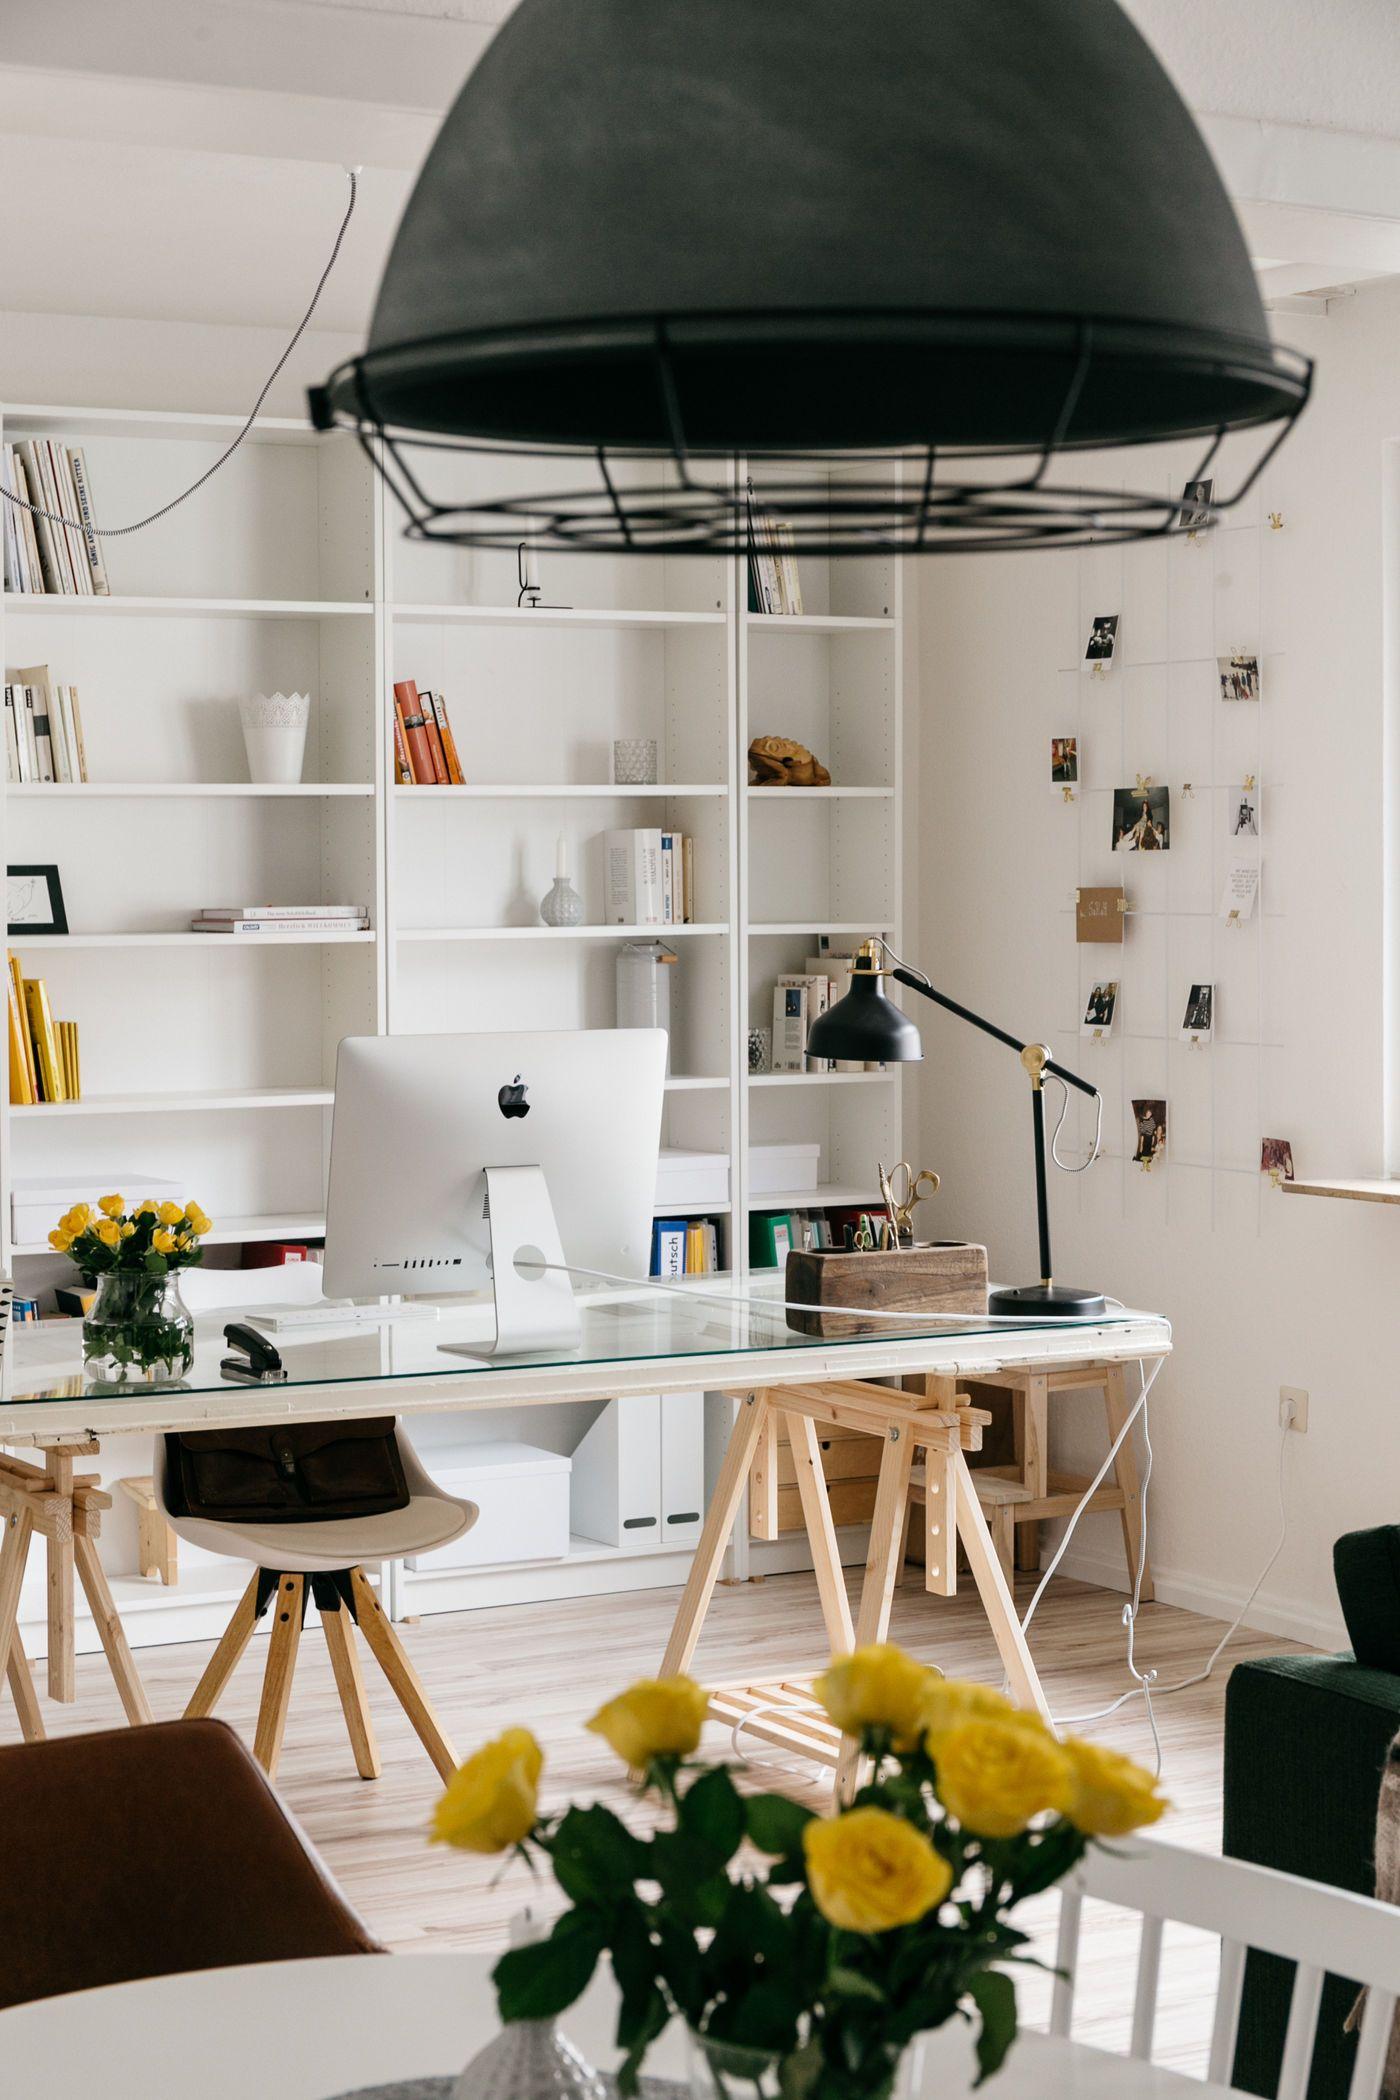 diy m bel selber bauen seite 2. Black Bedroom Furniture Sets. Home Design Ideas